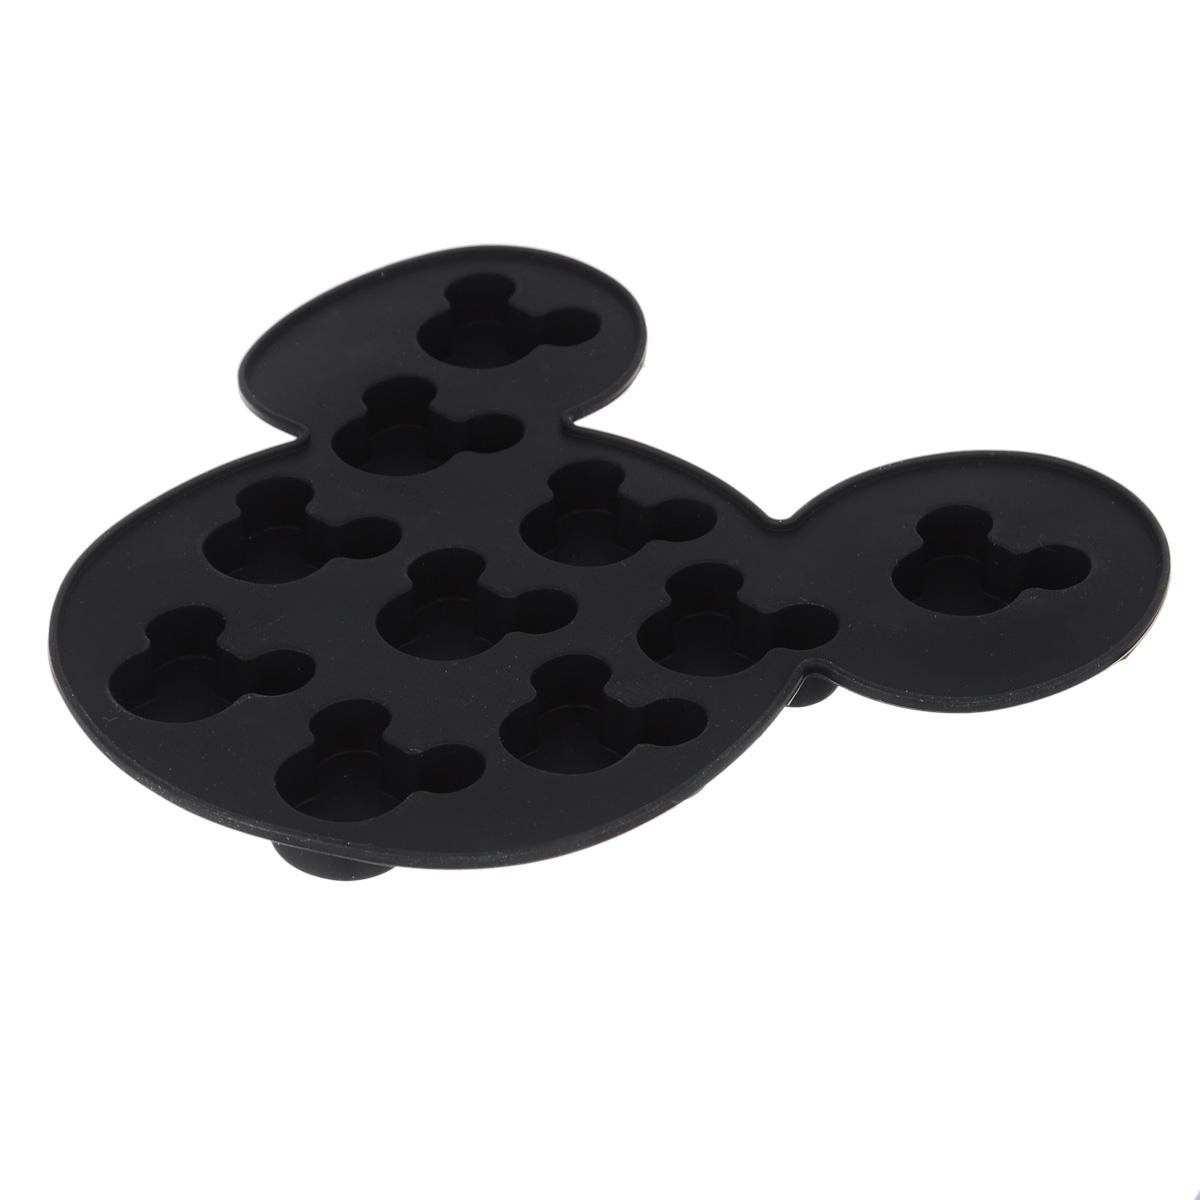 Форма для льда Disney Микки Маус, цвет: черный, 10 ячеек79 02471Форма Disney Микки Маус выполнена из высококачественного пищевого силикона и предназначена для изготовления шоколада, конфет, мармелада, желе, льда и выпечки. На одном листе расположено 10 ячеек в виде мордочек Микки Мауса. Благодаря тому, что форма изготовлена из силикона, готовый десерт вынимать легко и просто. Силиконовые формы выдерживают высокие и низкие температуры (от -40°С до +230°С). Они эластичны, износостойки, легко моются, не горят и не тлеют, не впитывают запахи, не оставляют пятен. Силикон абсолютно безвреден для здоровья. Чтобы достать льдинки, эту форму не нужно держать под теплой водой или использовать нож. Можно использовать в микроволновой печи, мыть в посудомоечной машине и хранить в холодильнике.Упаковка содержит описание рецептов ягодного льда и шоколадных конфет.Общий размер формы: 16 х 15 х 1,5 см. Количество ячеек: 10 шт.Размер ячеек: 3 х 2,5 х 1 см.